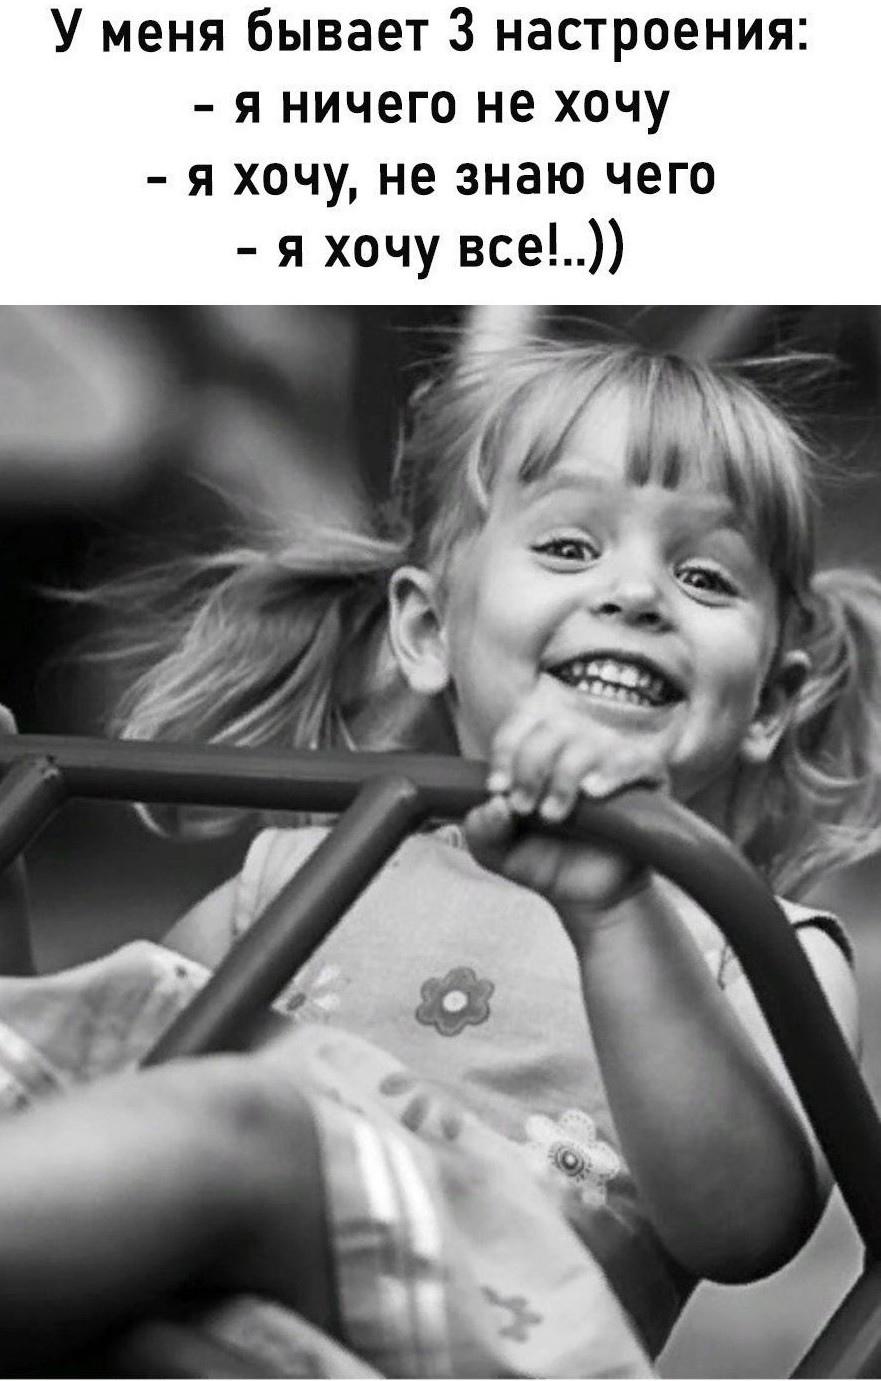 В нашу жизнь приходит радость